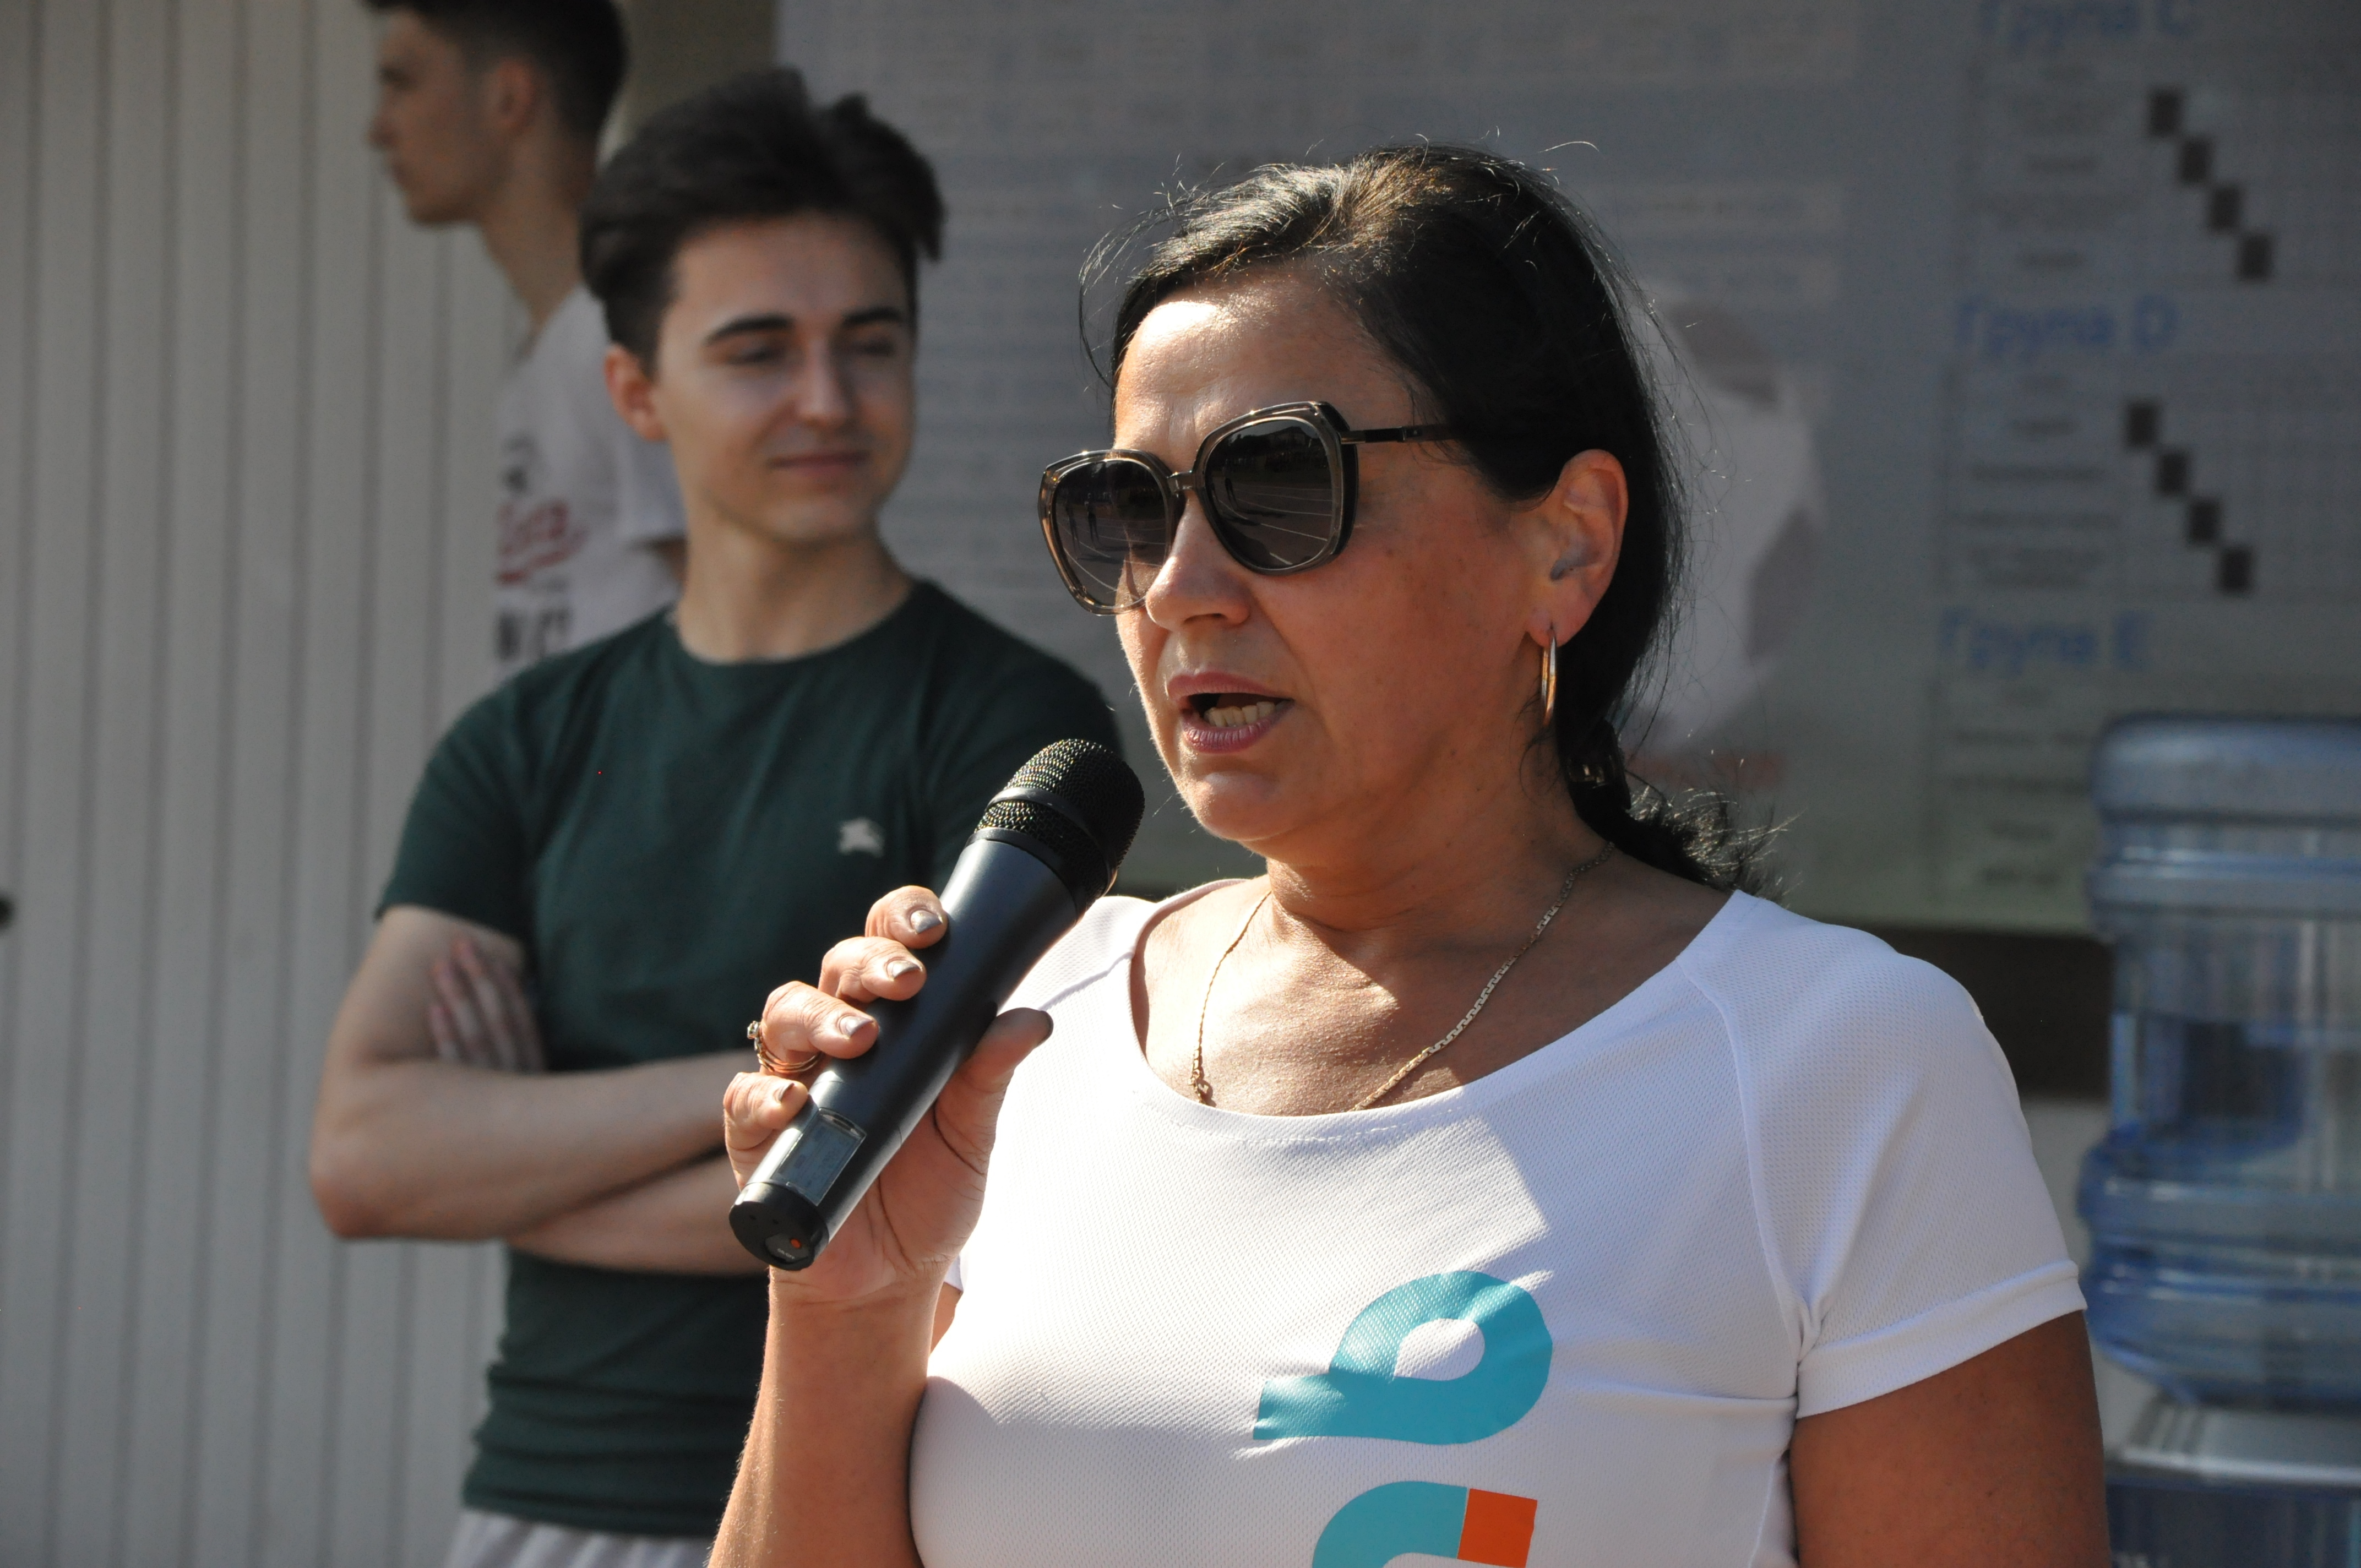 В Киеве в День защиты детей стартовал футбольный турнир - изображение 1